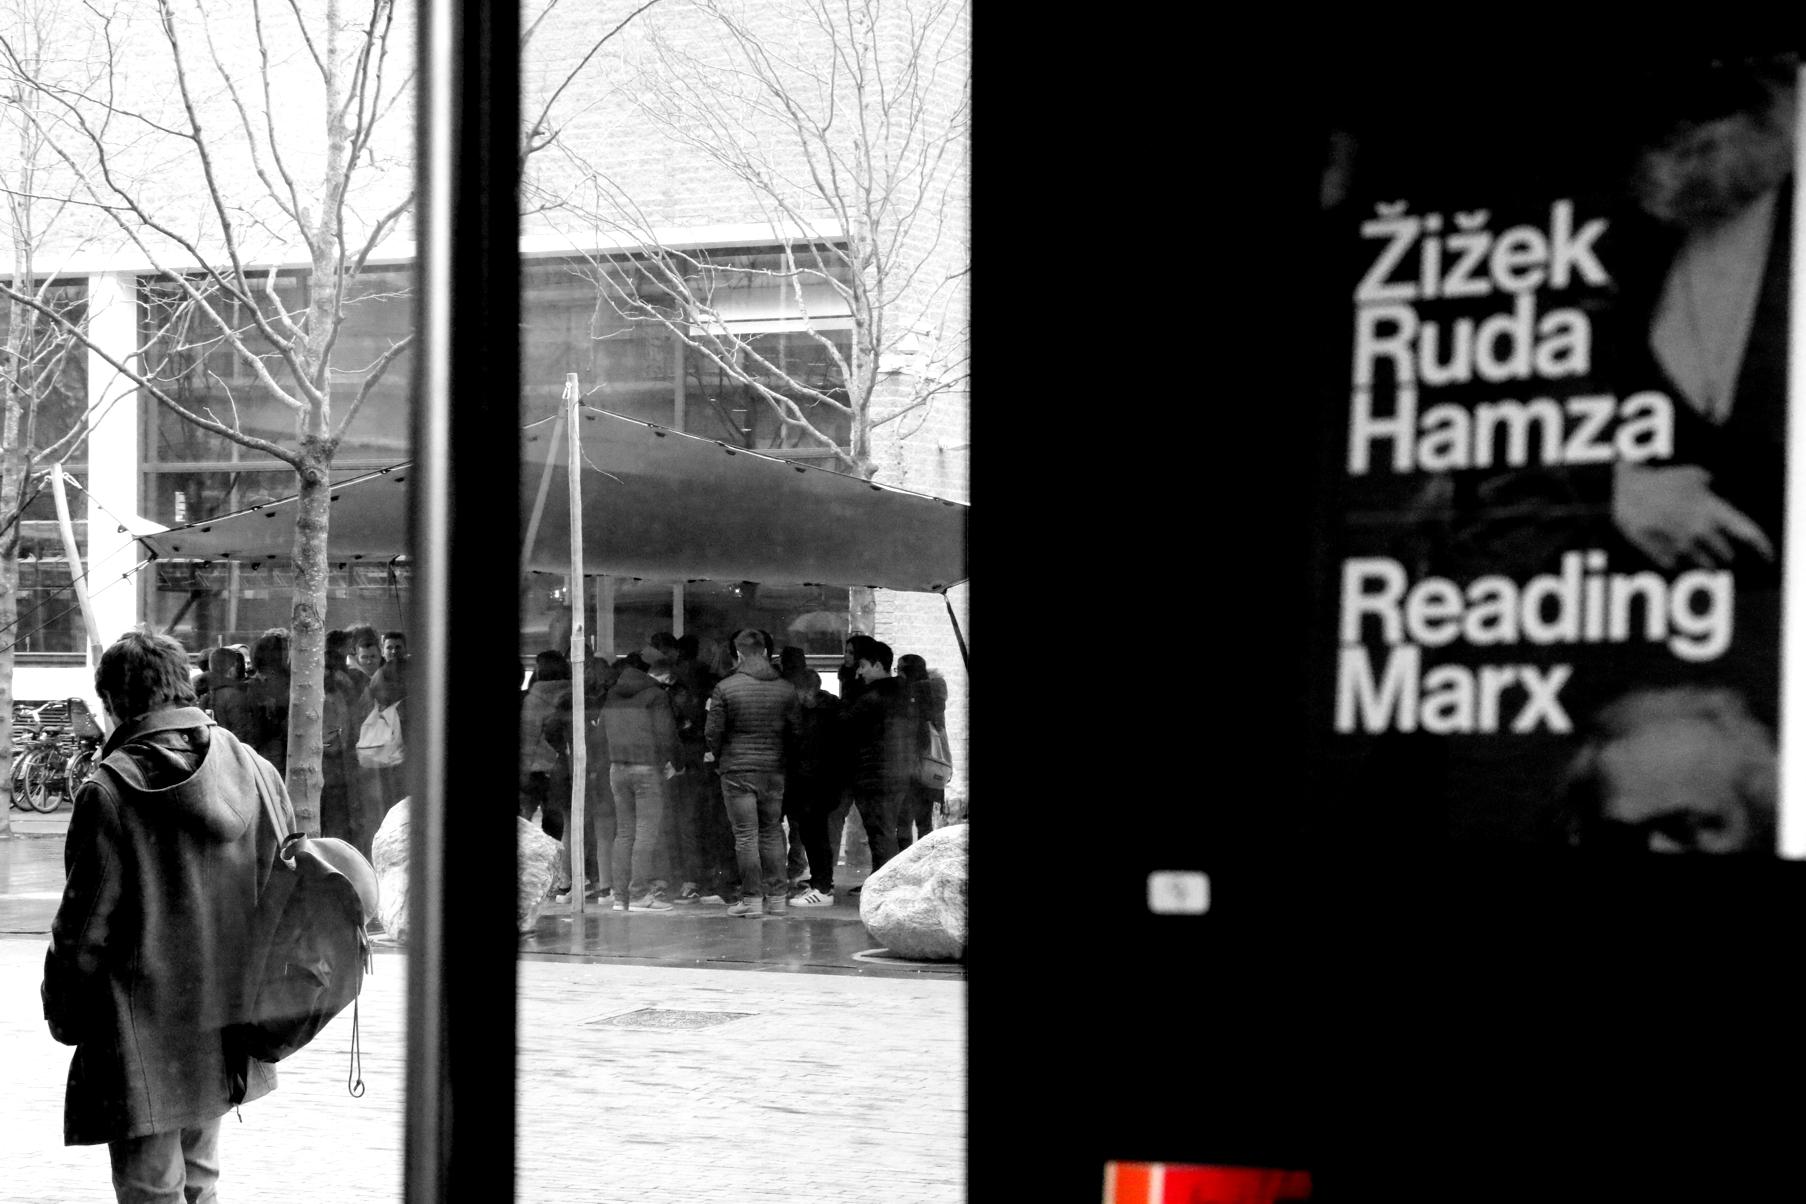 Philosophy between Stedelijk and Van Gogh Museum in Amsterdam